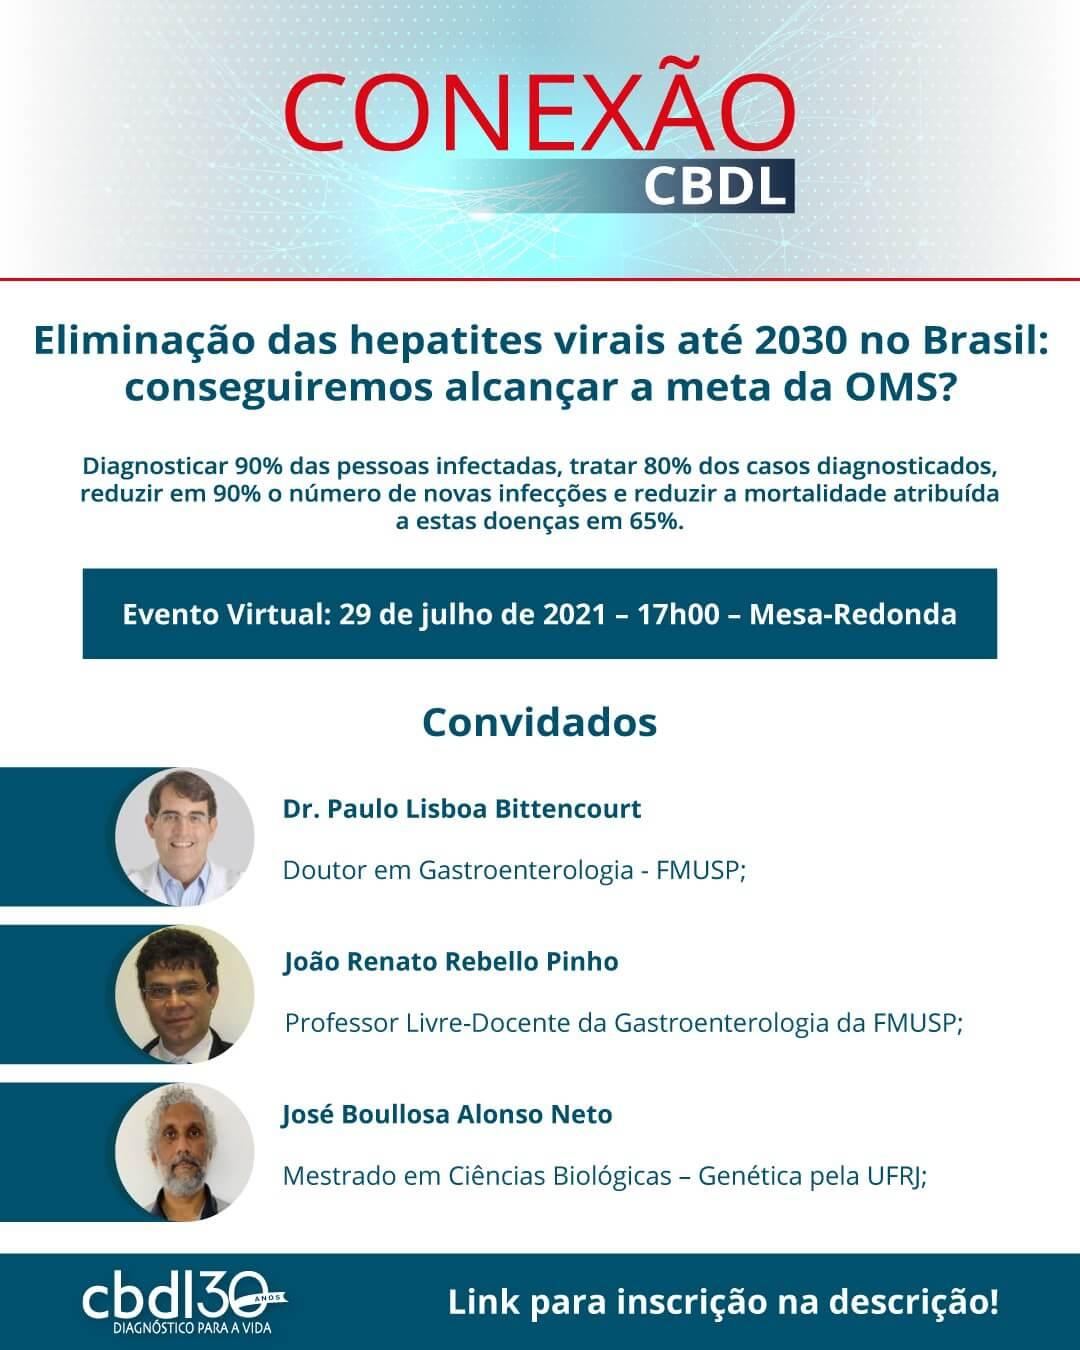 Evento 29/07 - Eliminação das hepatites virais até 2030 no Brasil